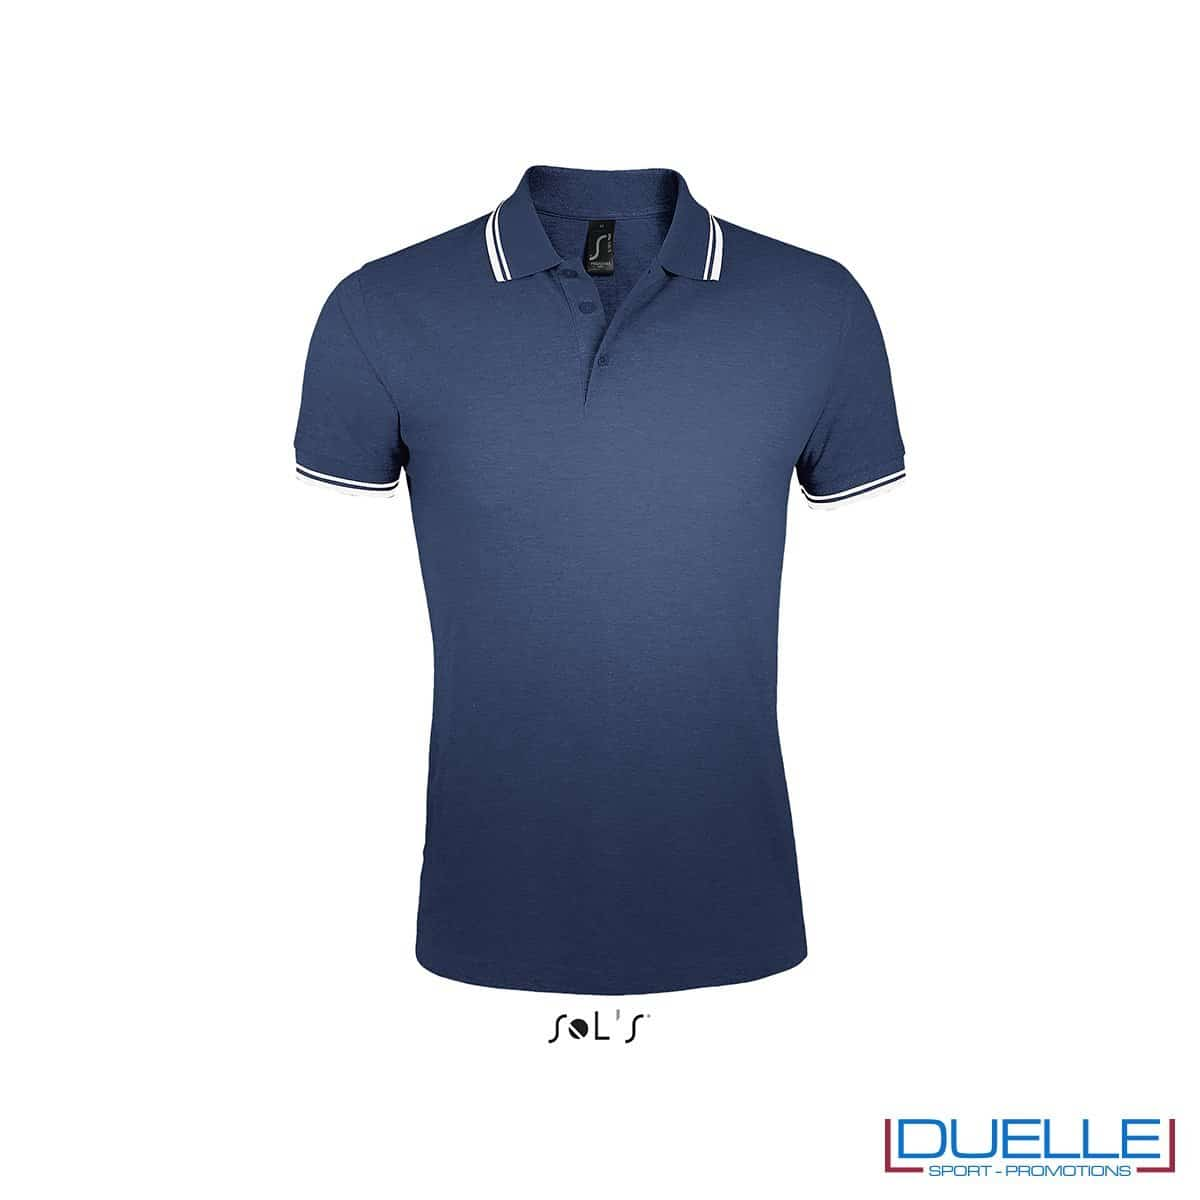 polo personalizzata blu navy con profili a contrasto bianchi, polo personalizzate